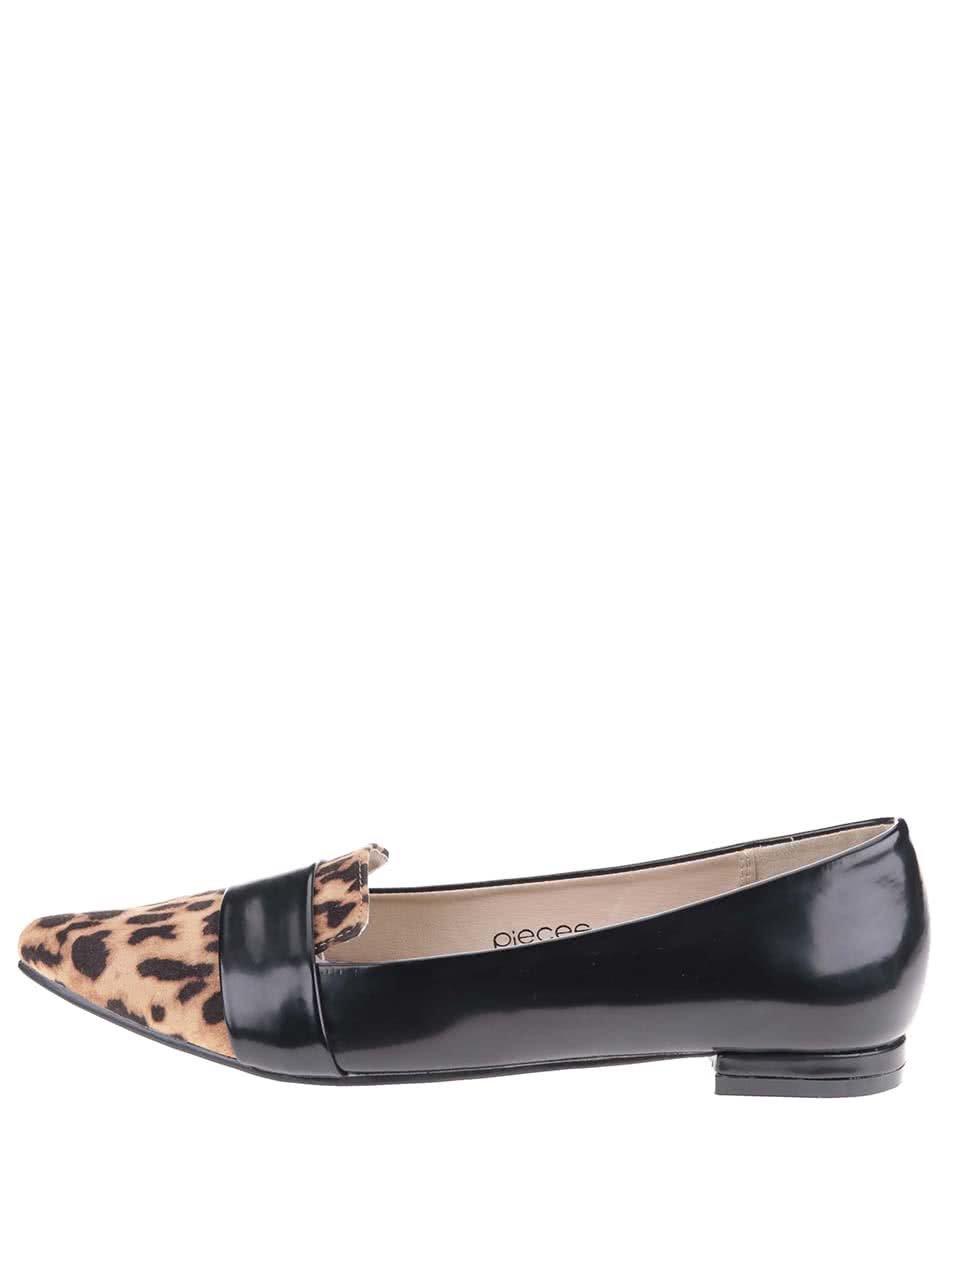 Čierne mokasíny s leopardím vzorom Pieces Vani ... 9b18646f5c3